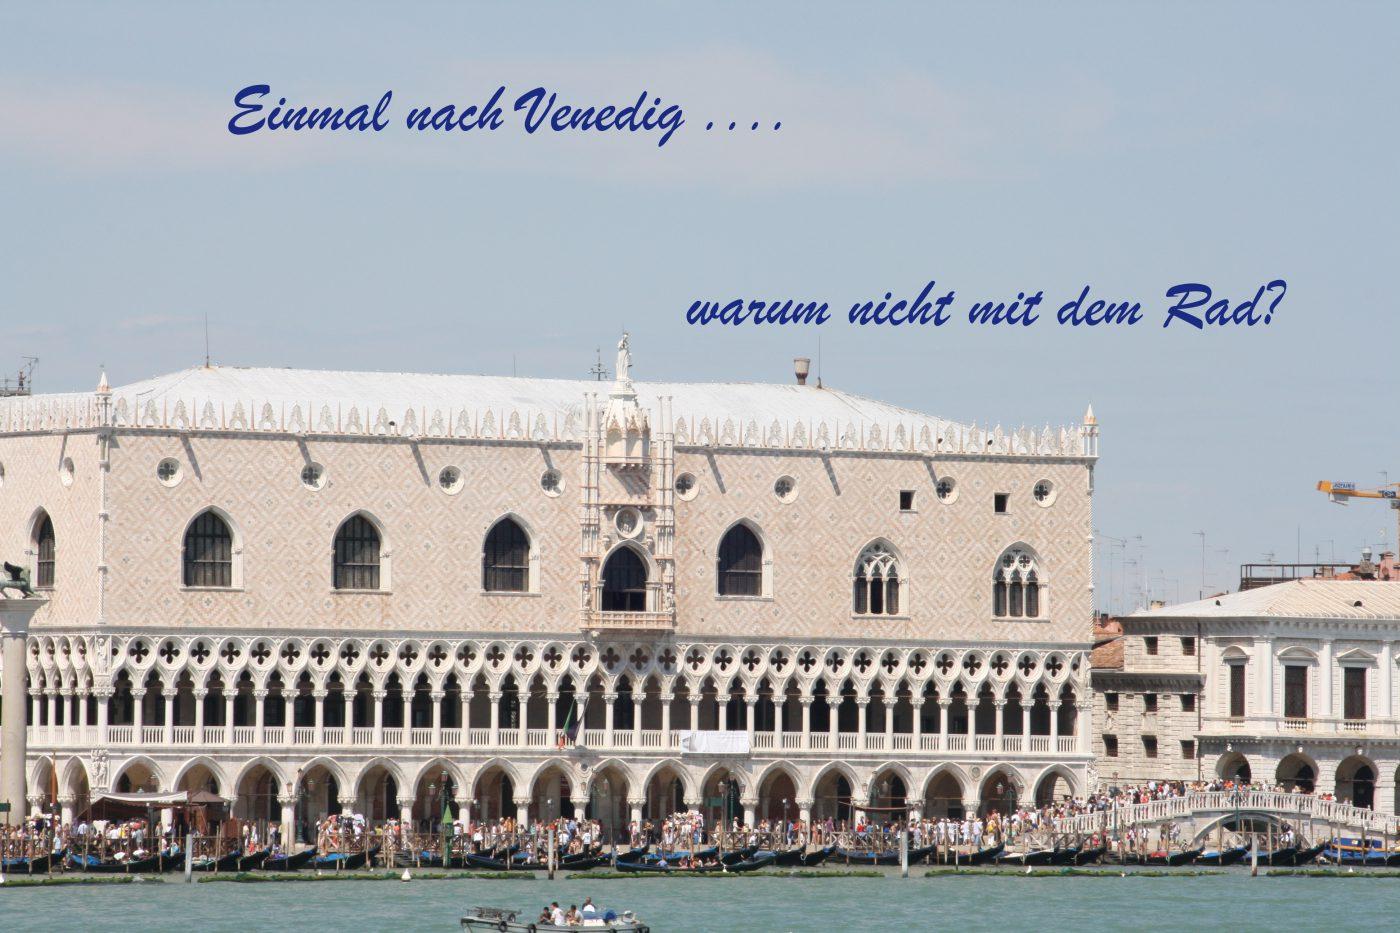 Vom Brenner nach Venedig, mit dem Rad 1. Teil 12